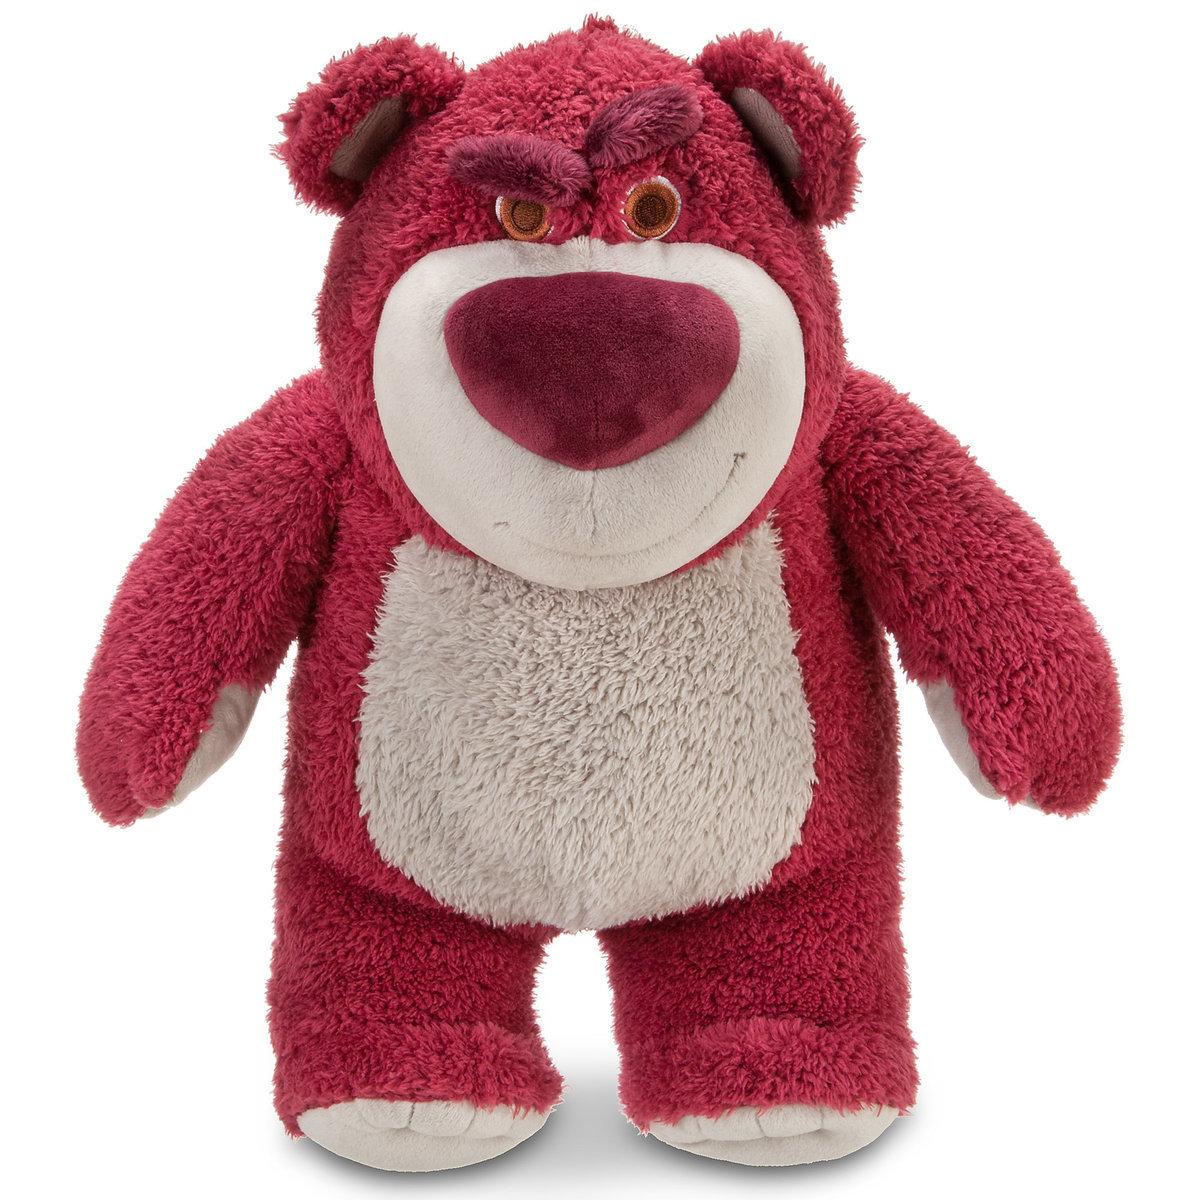 Мягкая игрушка Дисней «Лотсо Хагги» - История игрушек 3 - 42 см